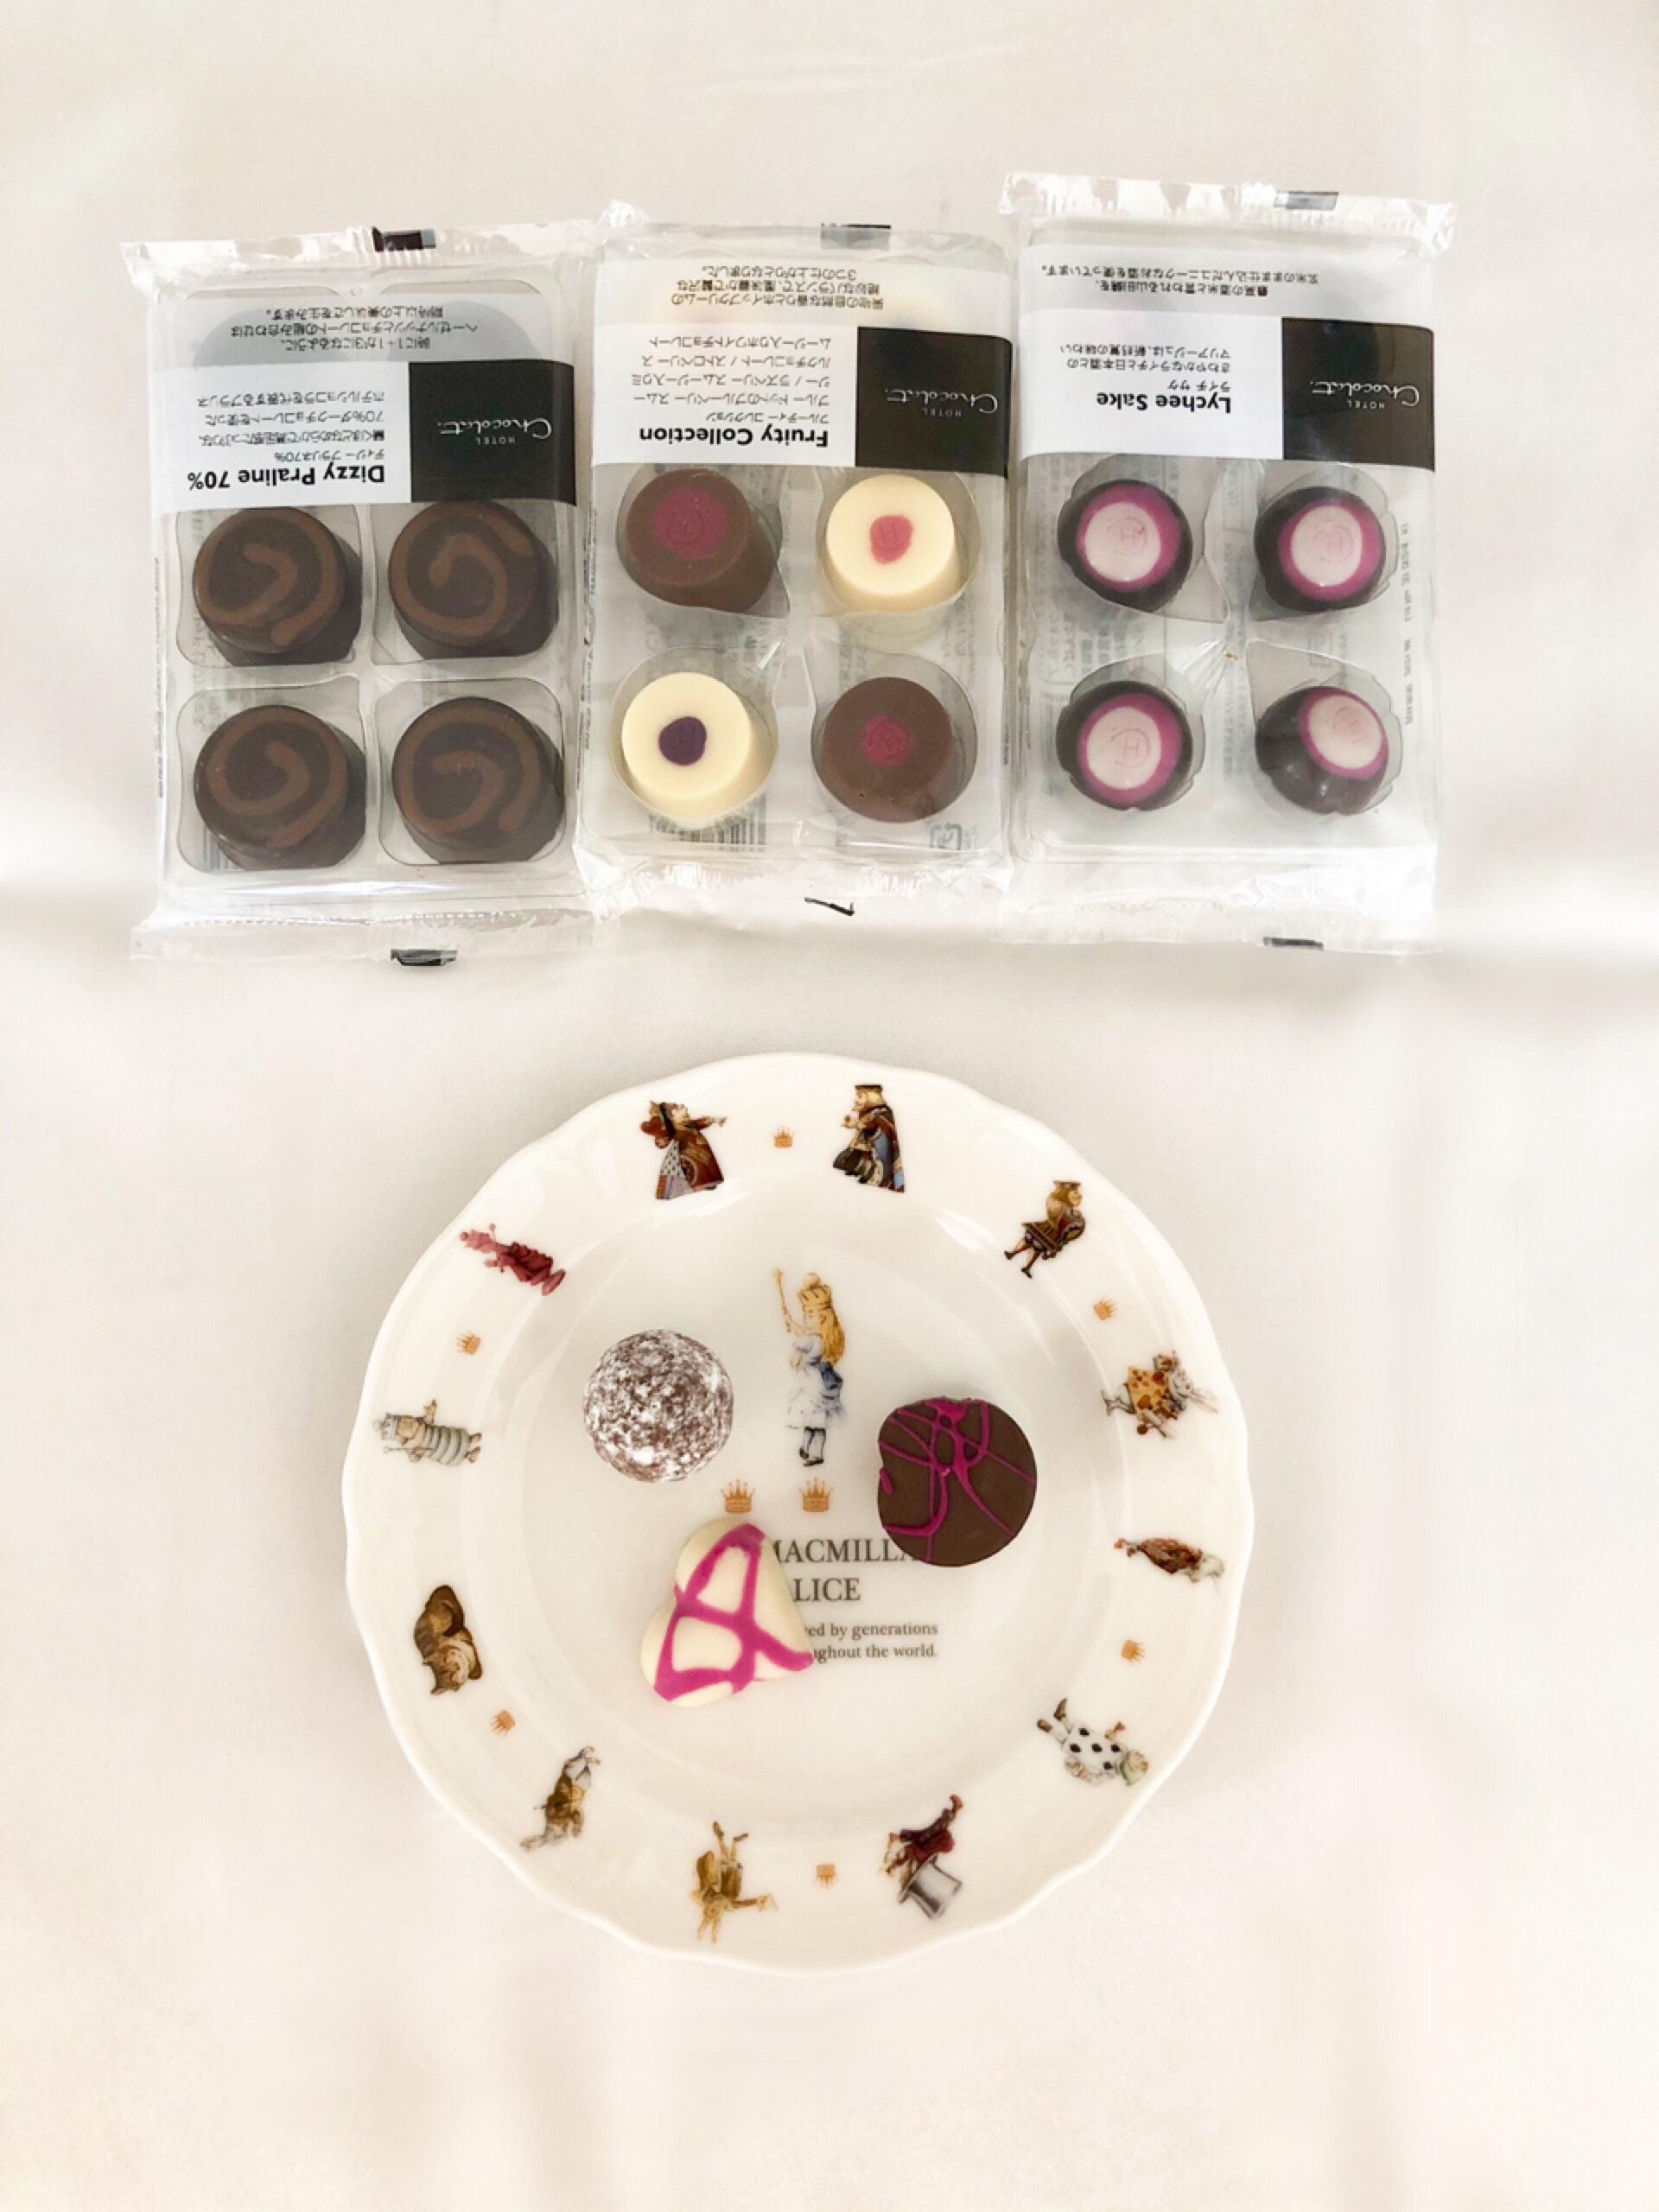 「HOTEL Chocolat.」のチョコレートたち。お気に入りのクラッシックなイラストの不思議な国のアリスのお皿と。